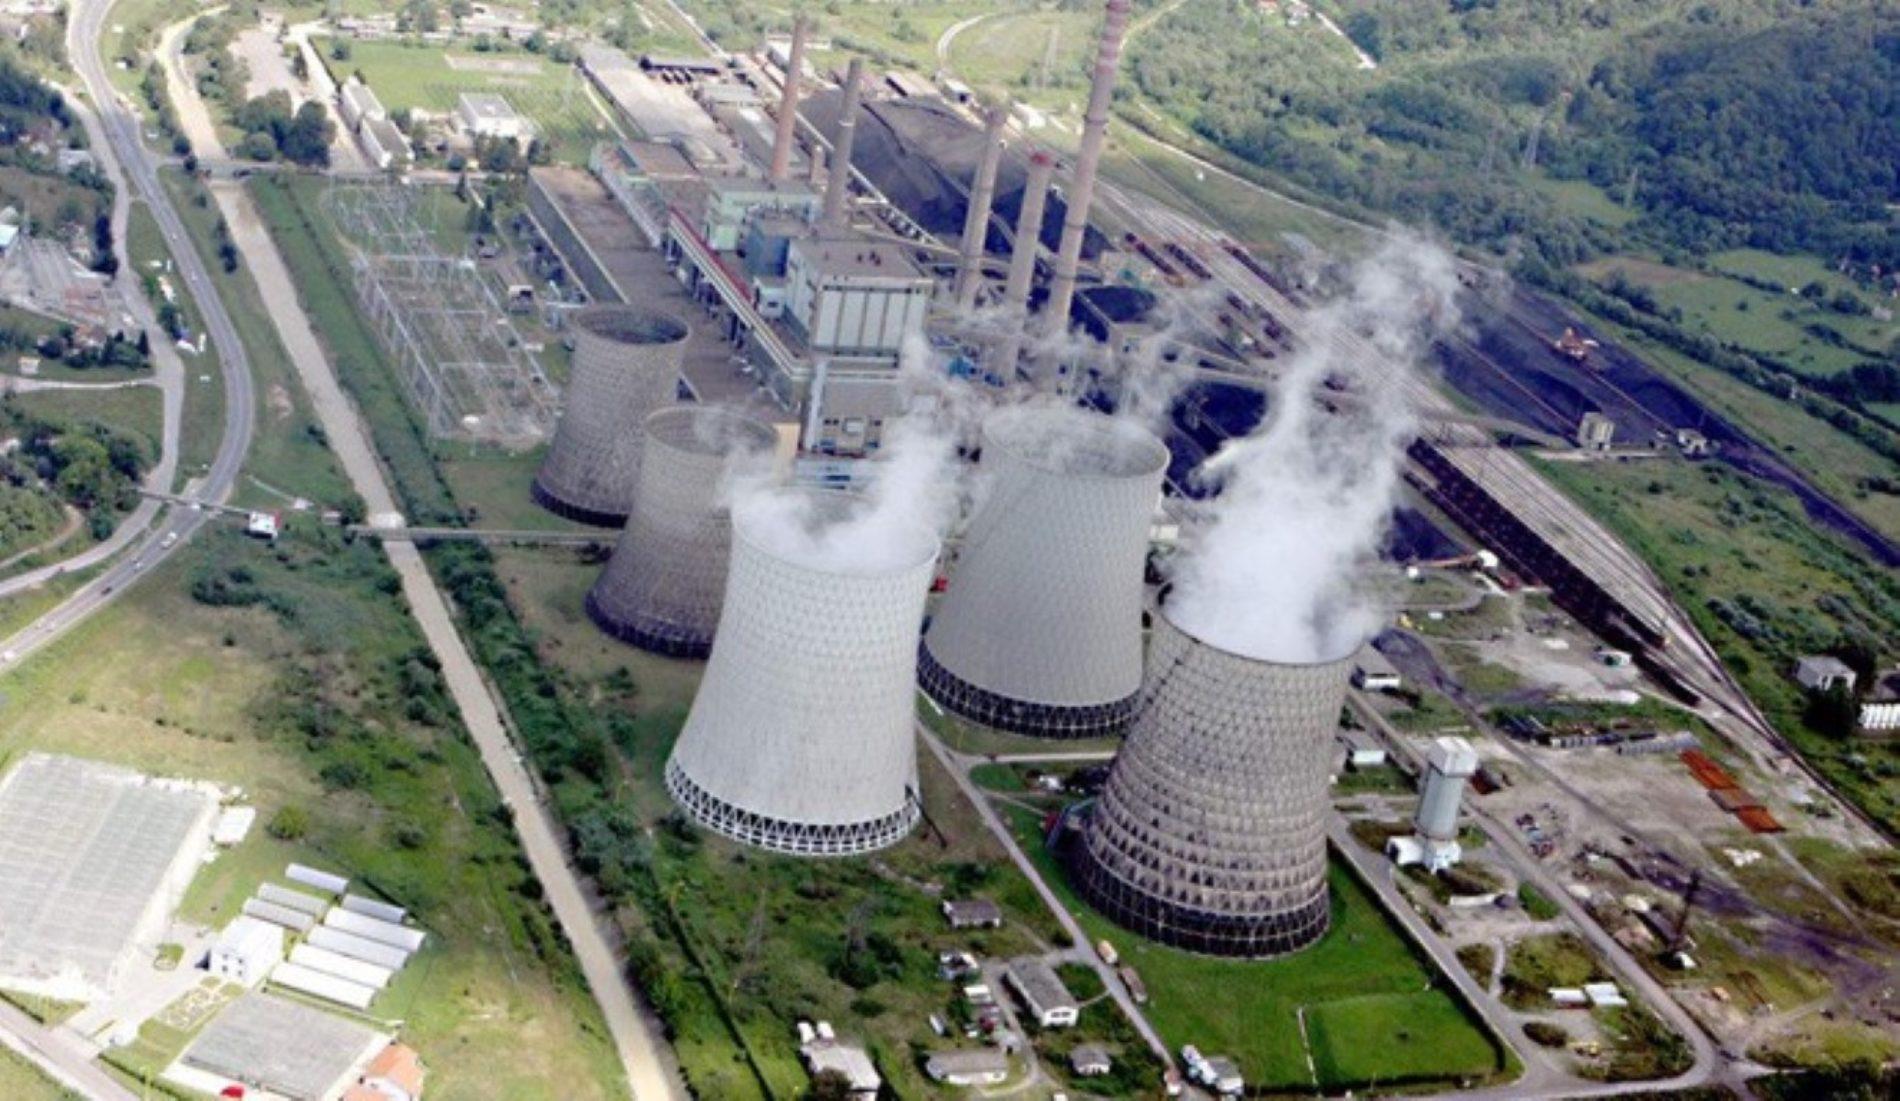 Kinezi investiraju 1,4 milijarde maraka u Termoelektranu Tuzla